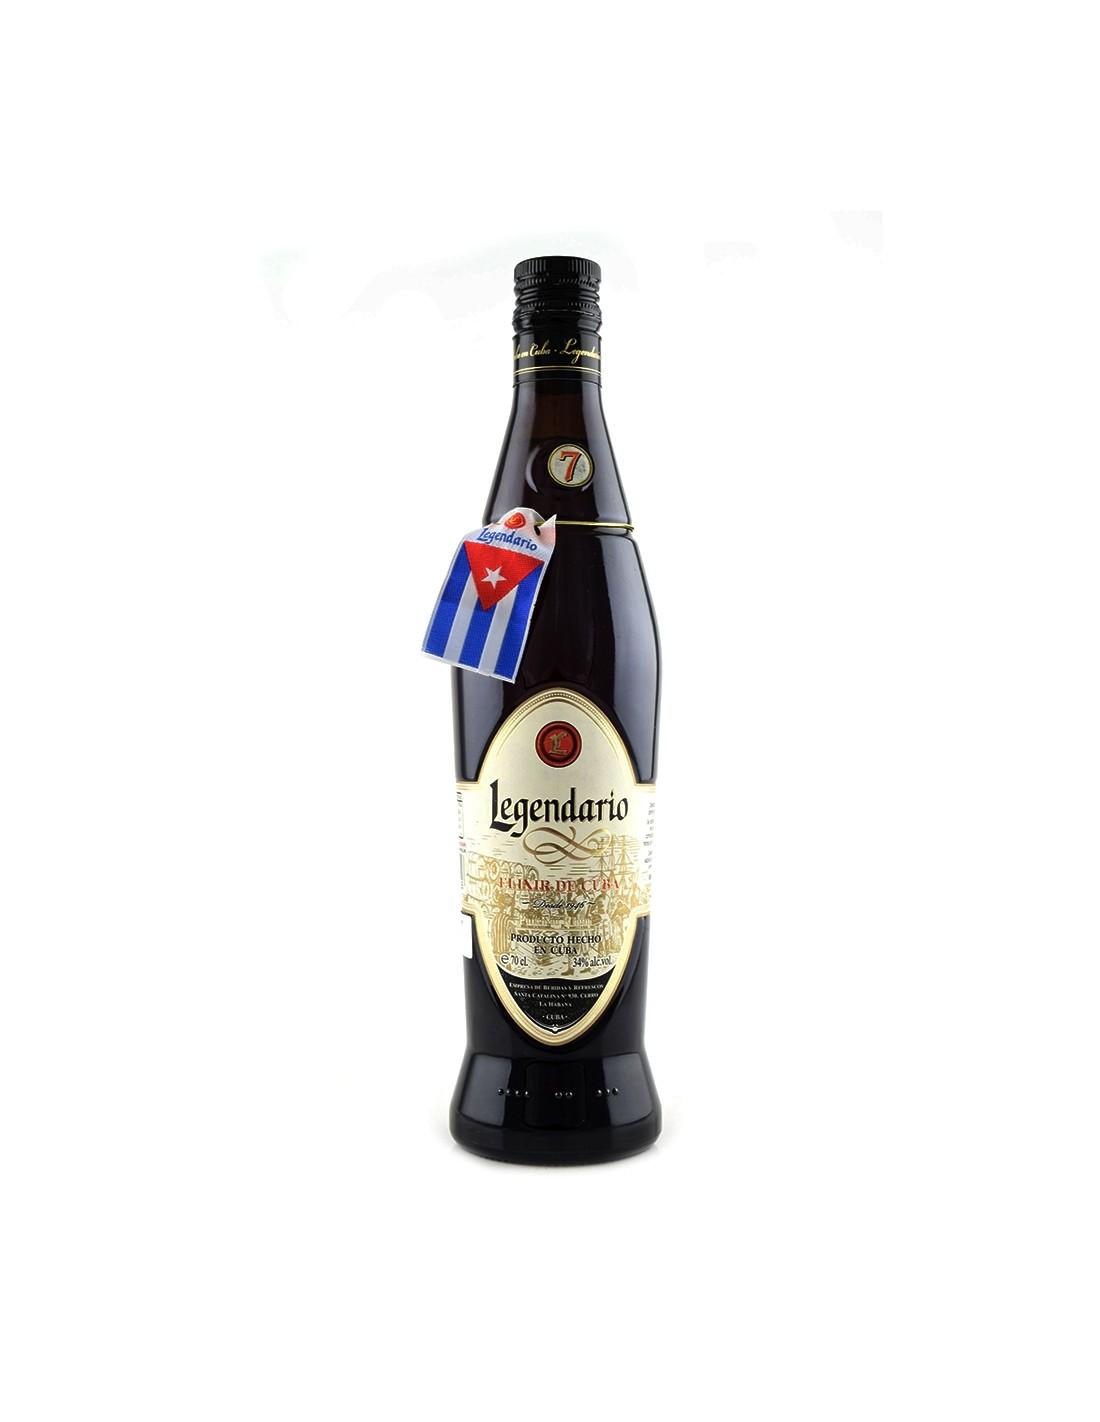 Rom negru Legendario Elixir De Cuba, 34% alc., 0.7L, Cuba